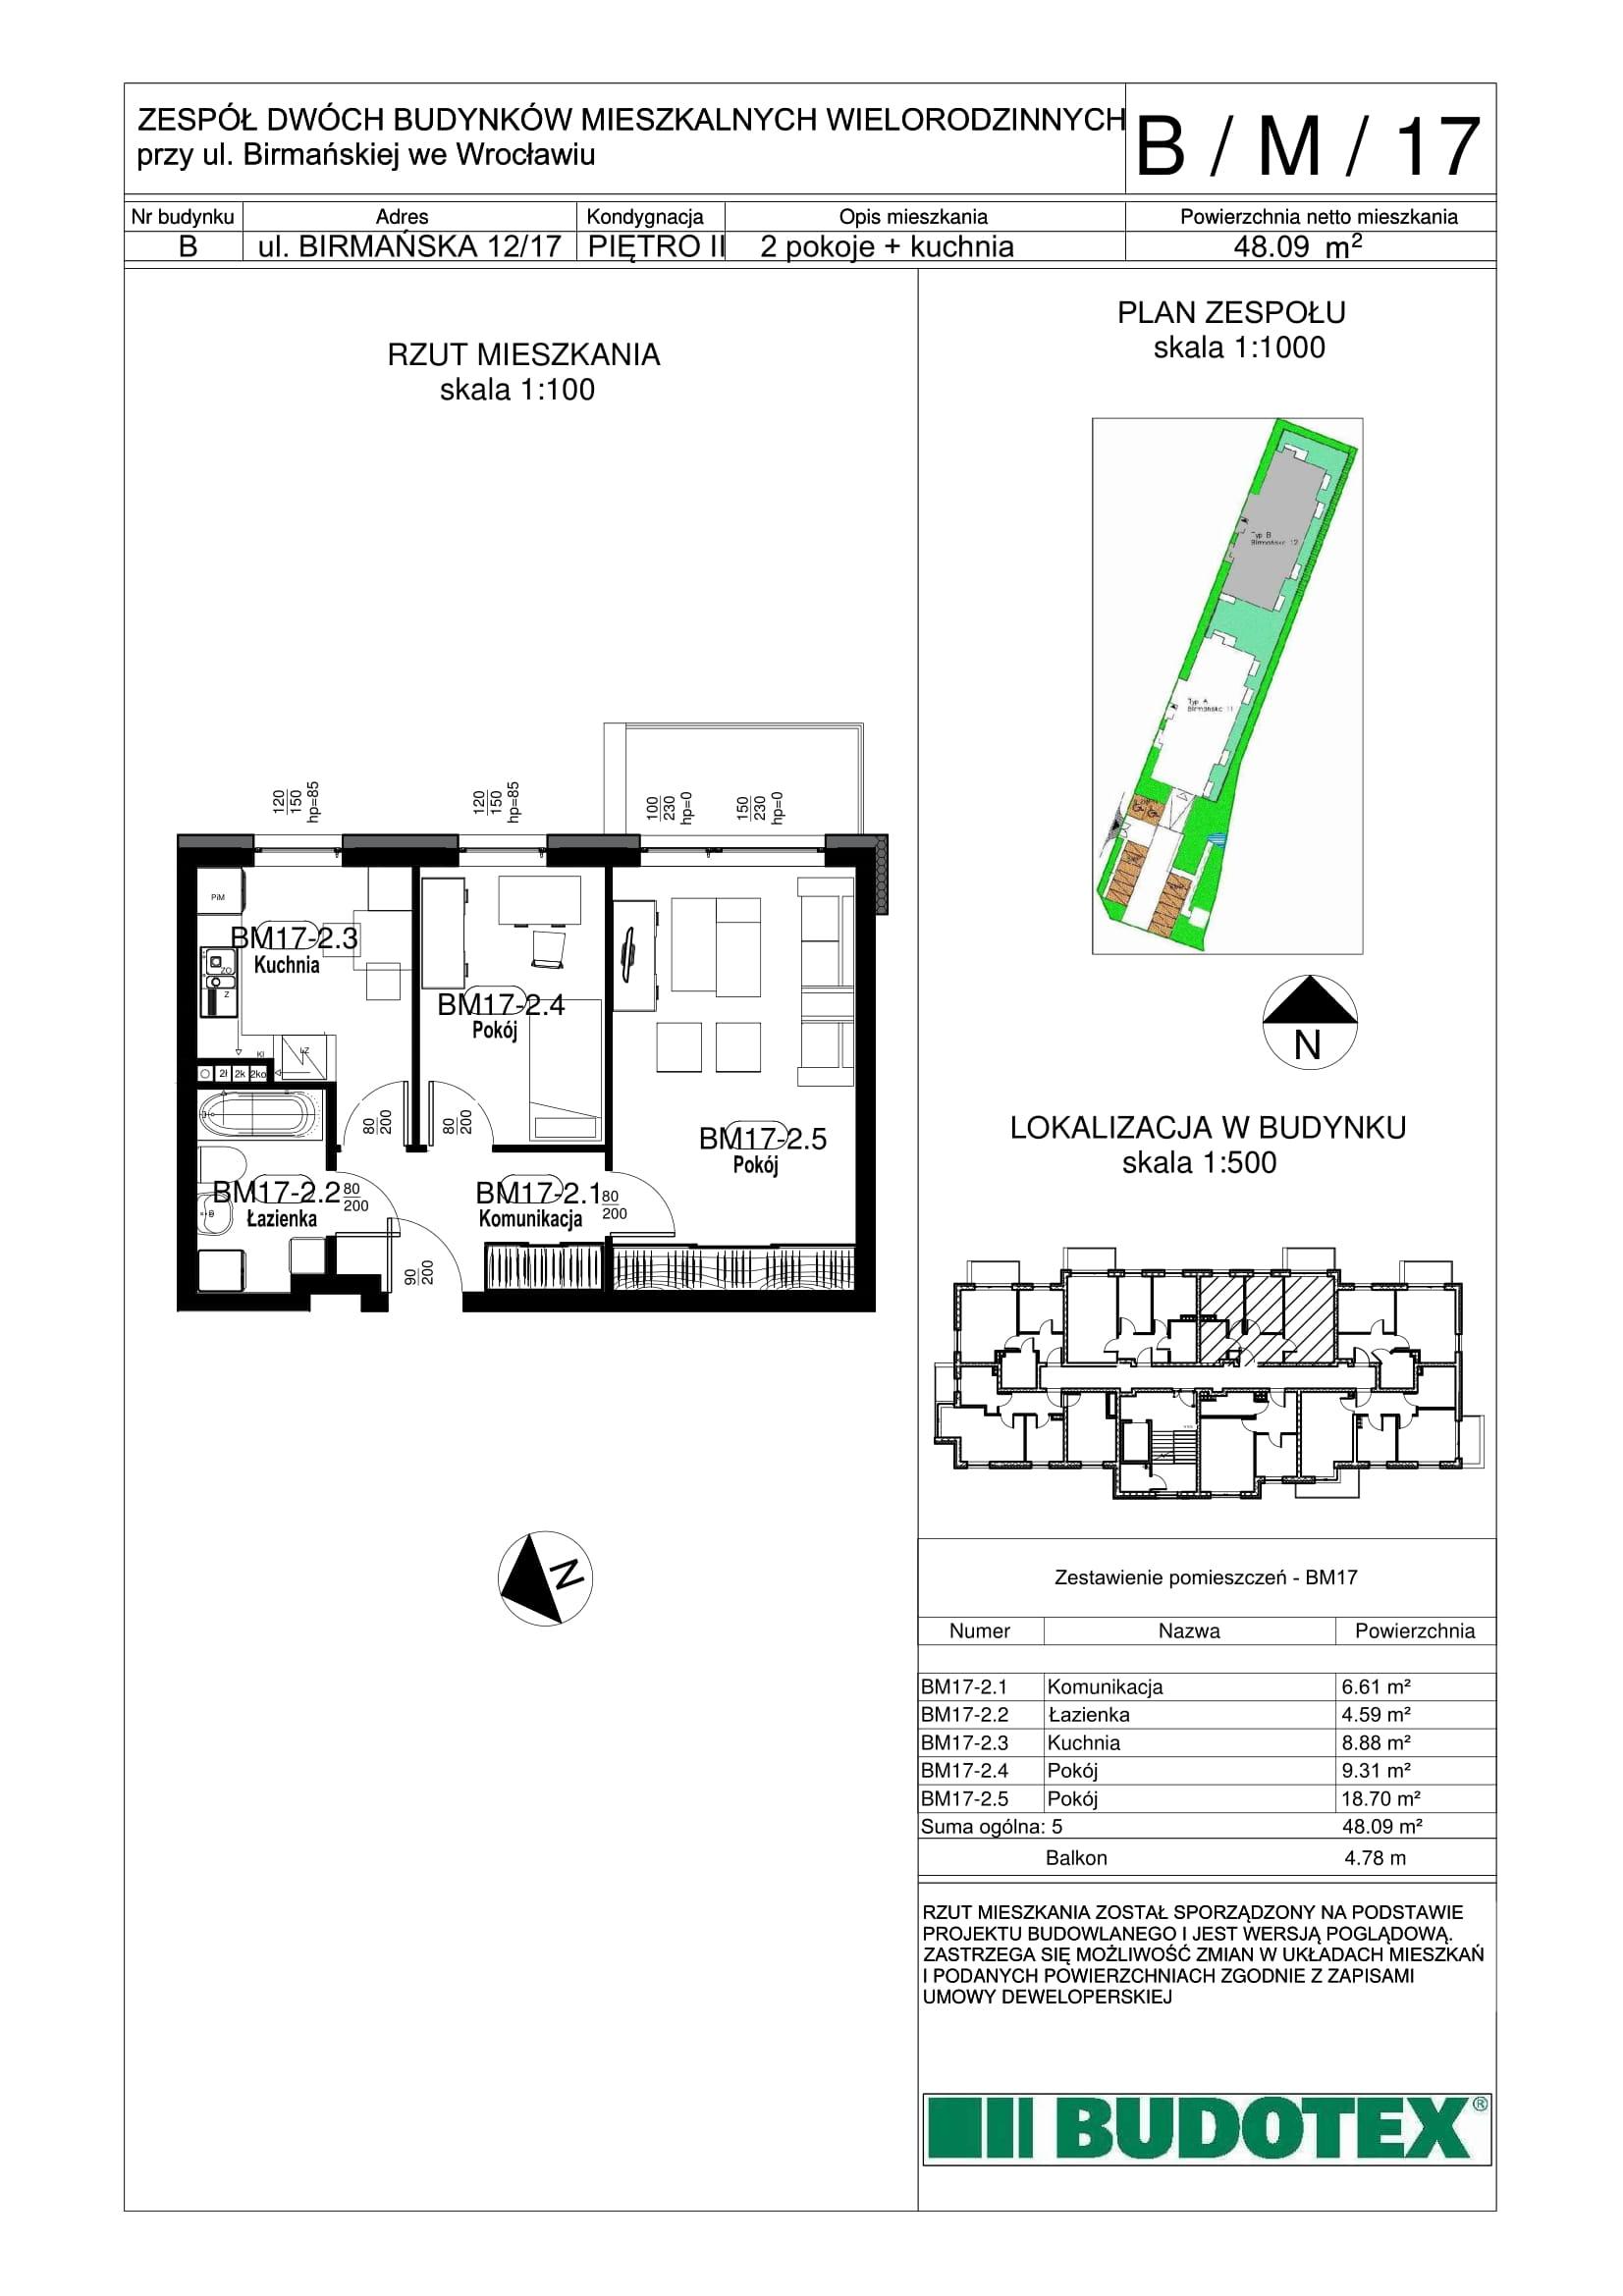 Mieszkanie nr B/M/17